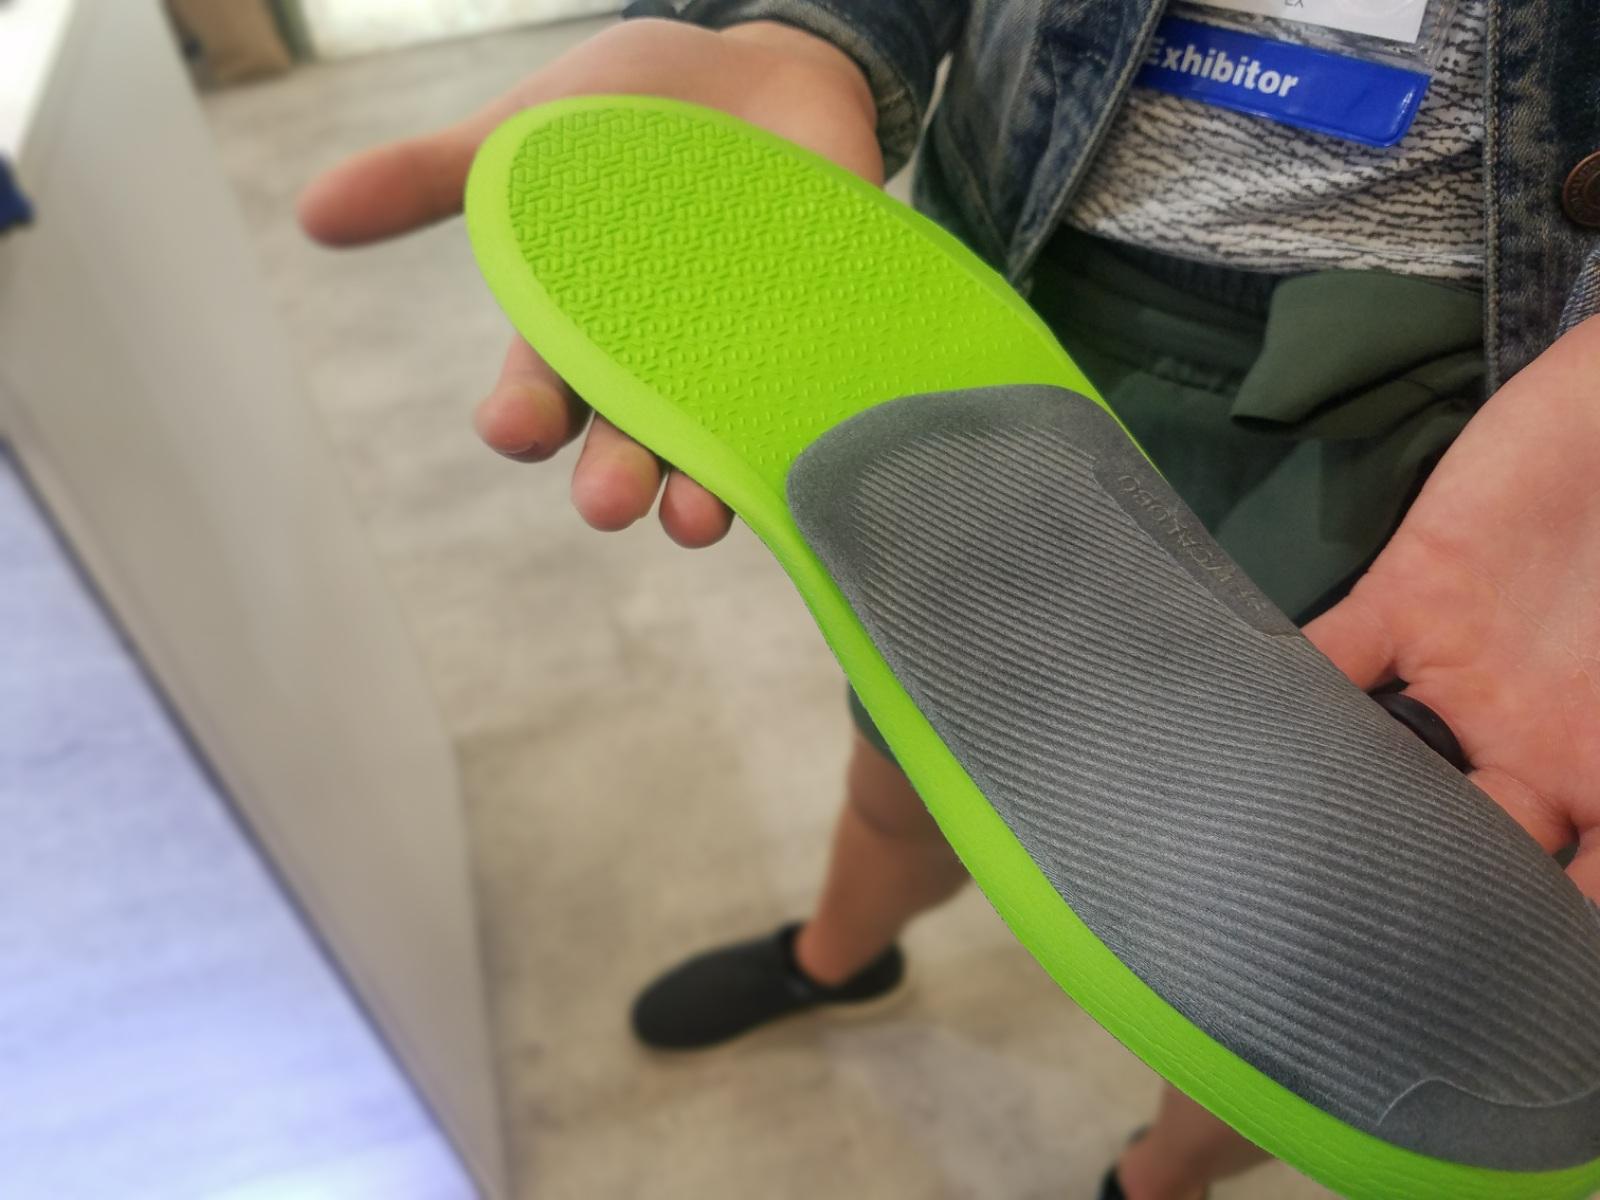 Brooks levitate custom running footwear 6